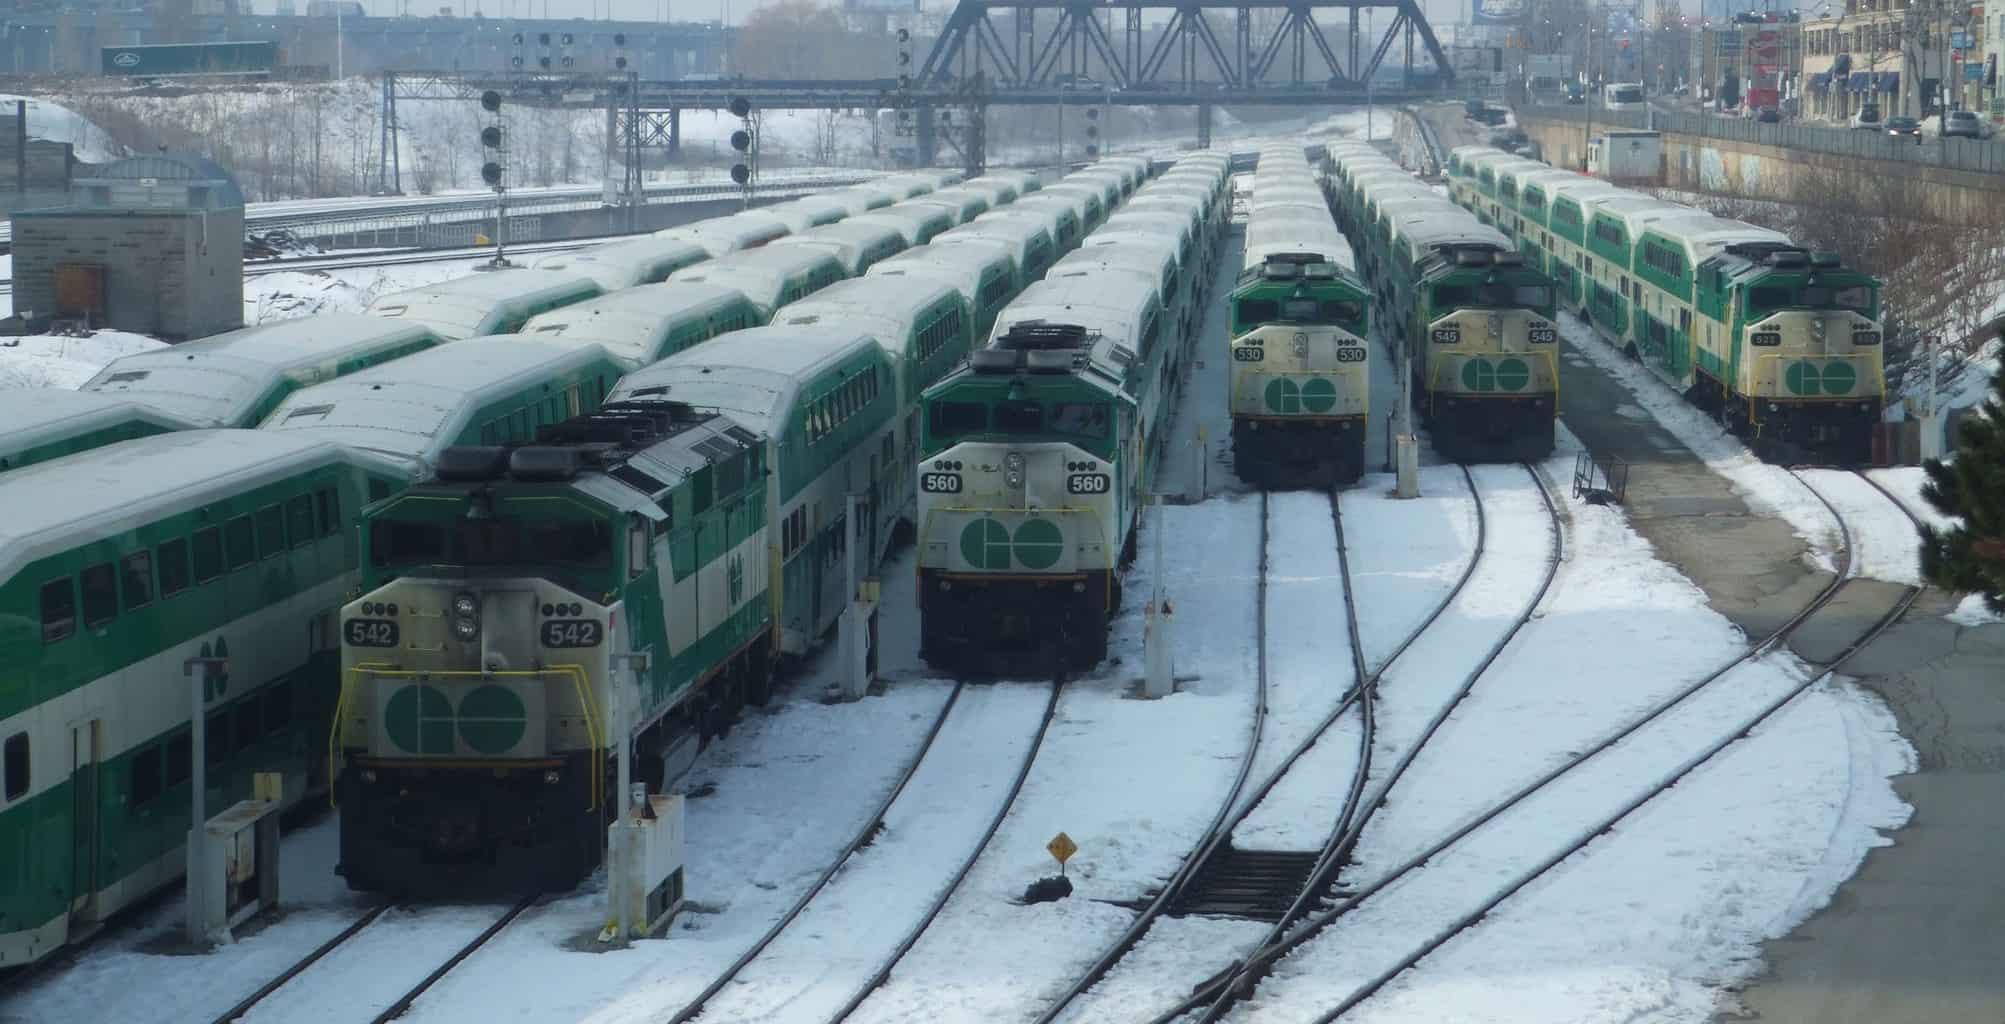 GO trains in Niagara Falls